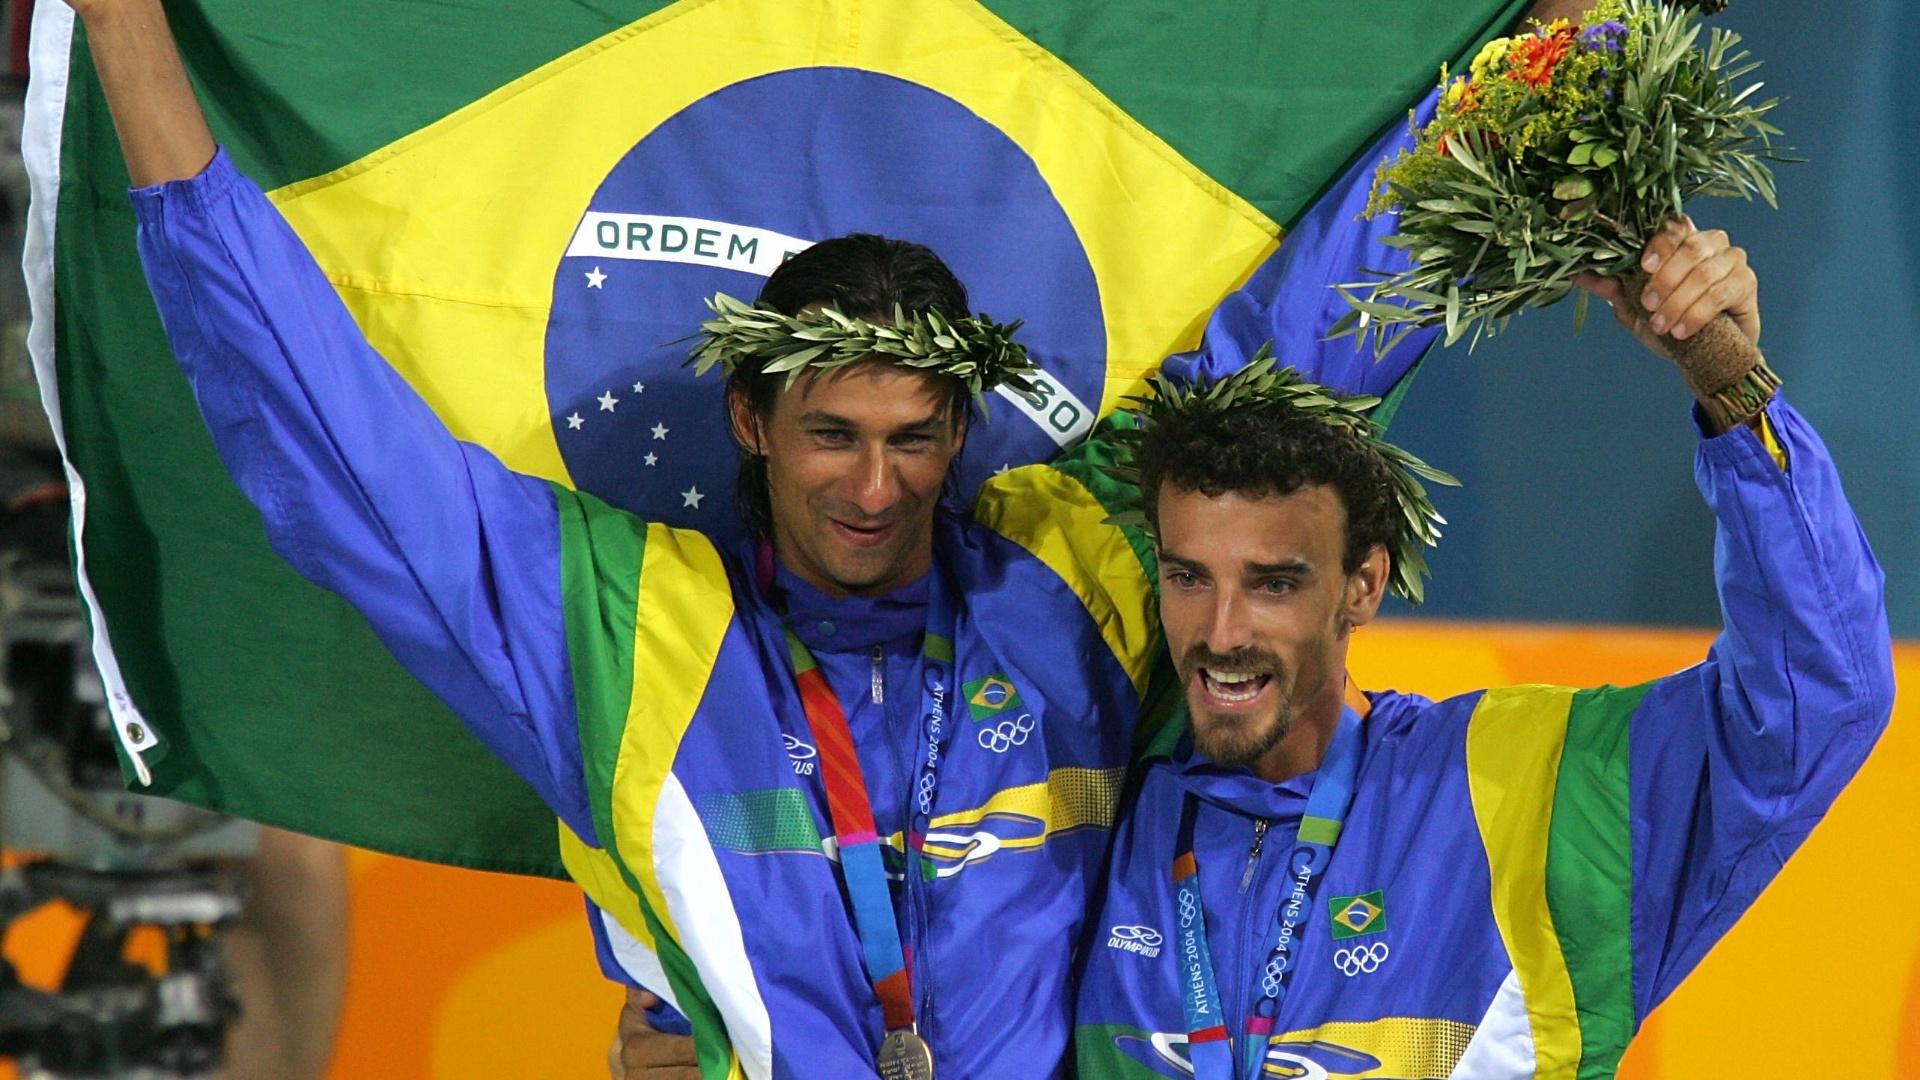 Ricardo e Emanuel no pódio nos Jogos Olímpicos de Atenas-2004